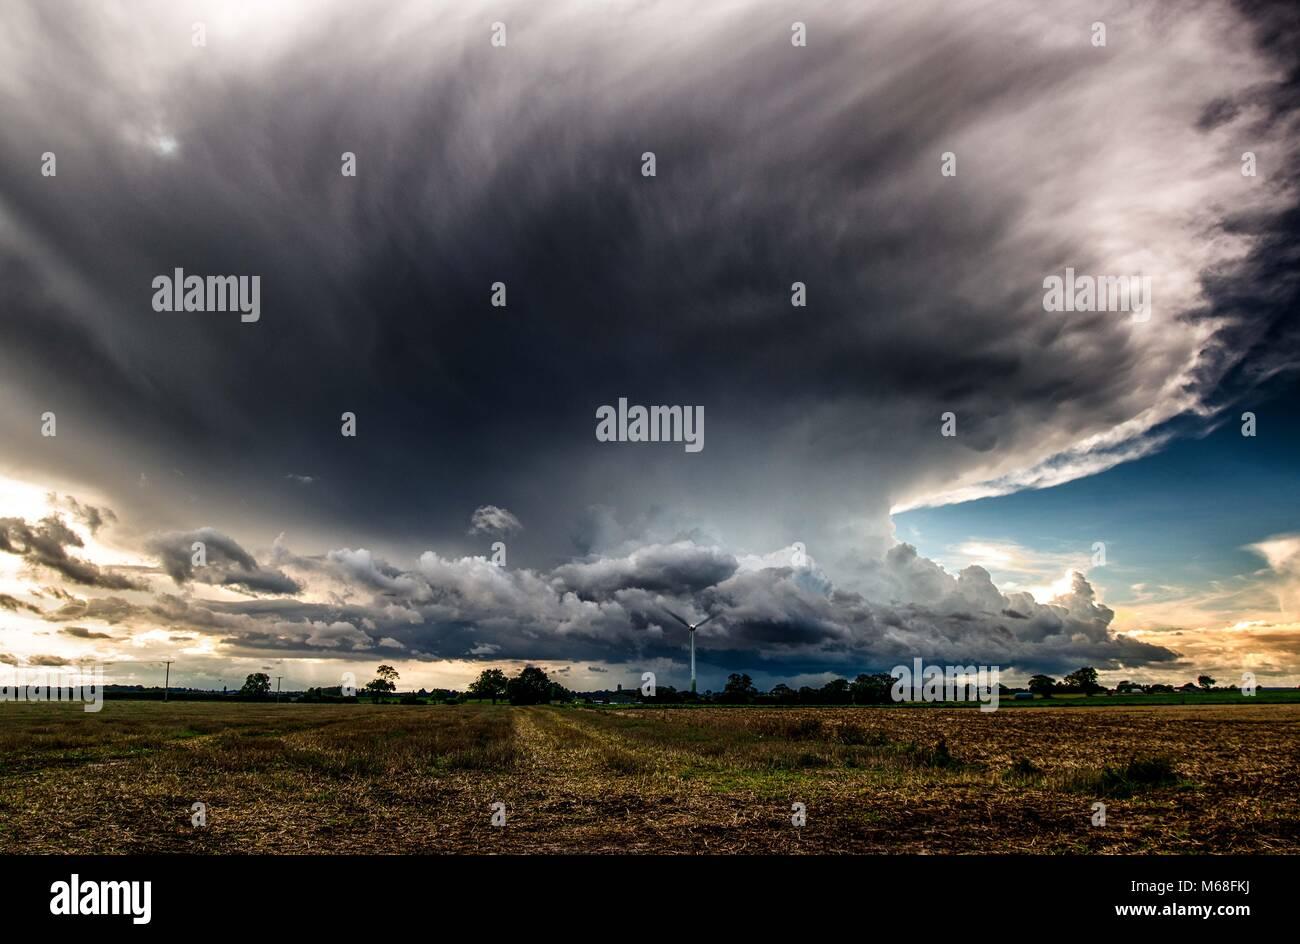 L'approche d'un orage au dessus du champs avec des nuages cumulus nimbus Banque D'Images